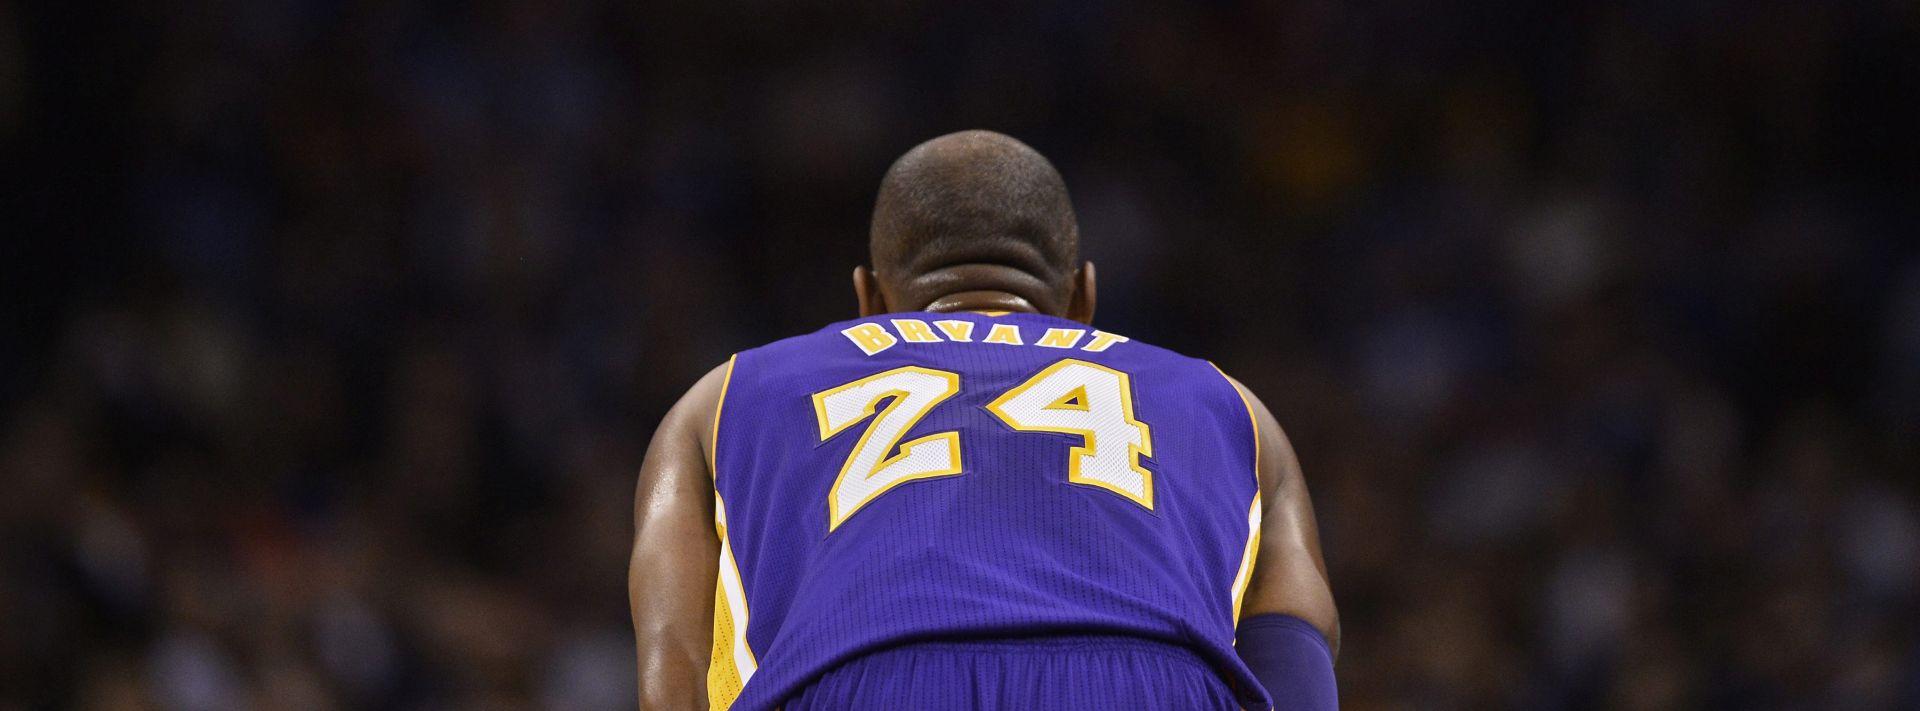 POSLJEDNJA PRILIKA Ulaznice za Bryantov oproštaj od košarke i po 180 tisuća kuna